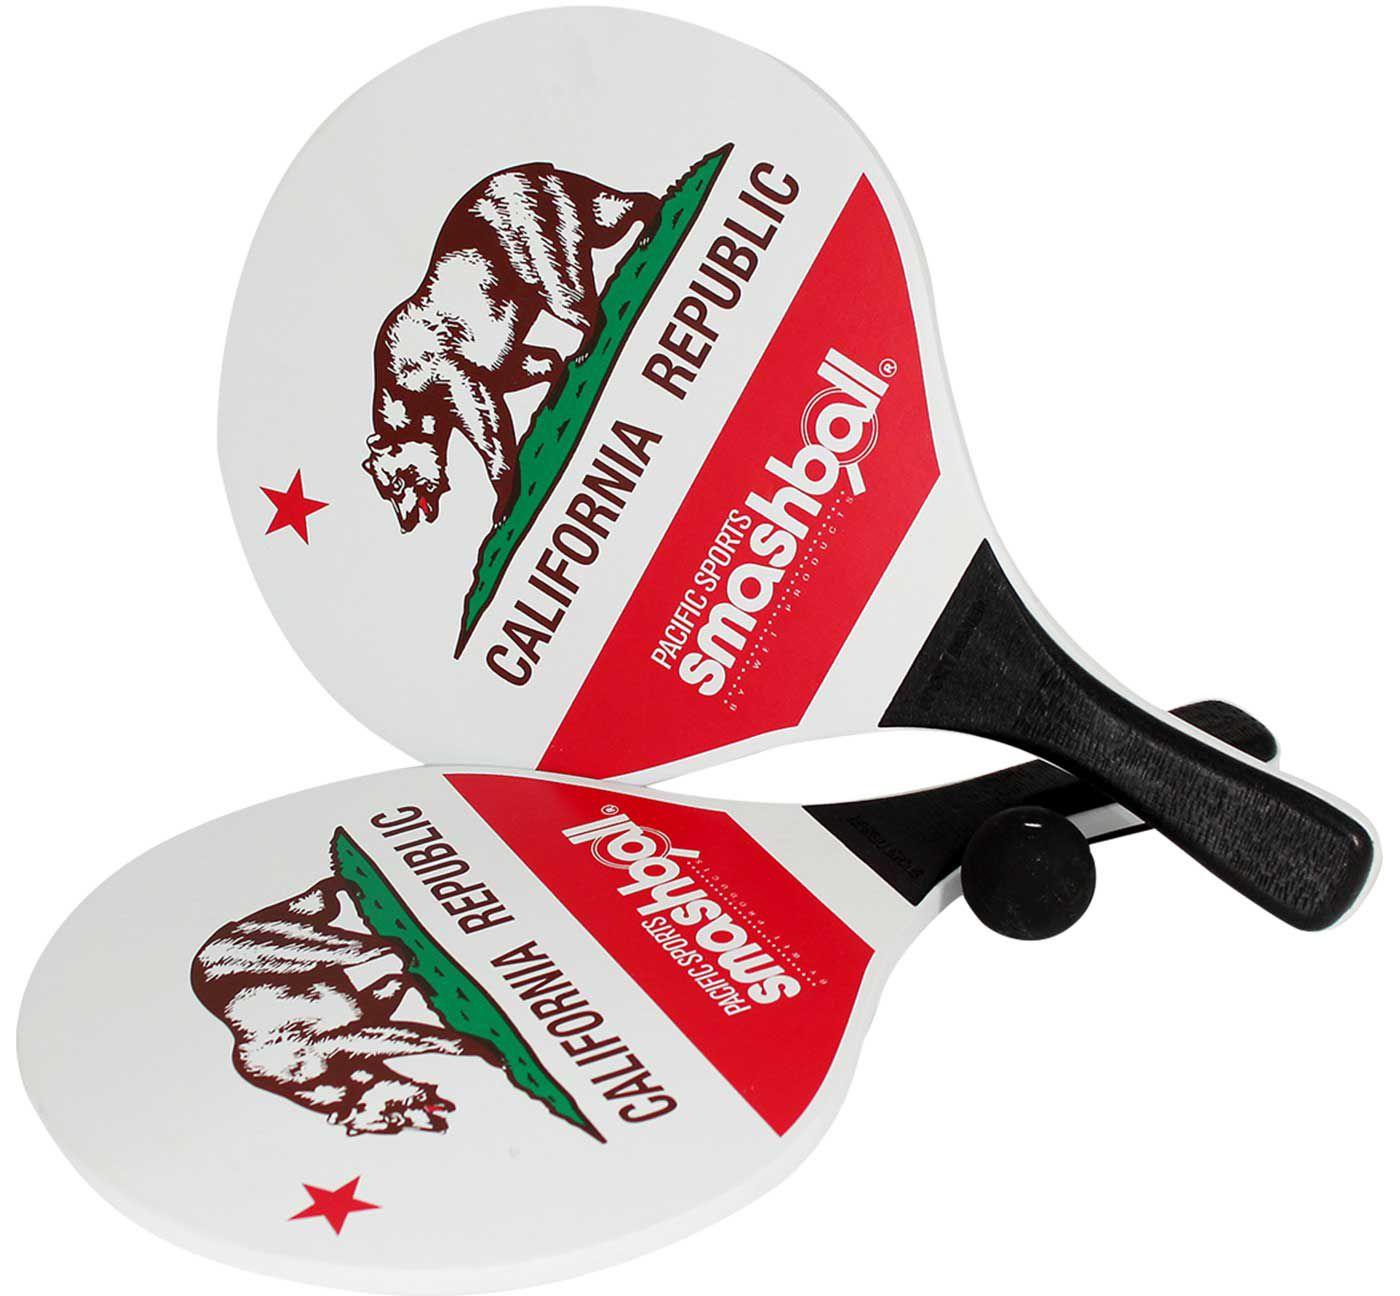 Wet Products California Smashball Set